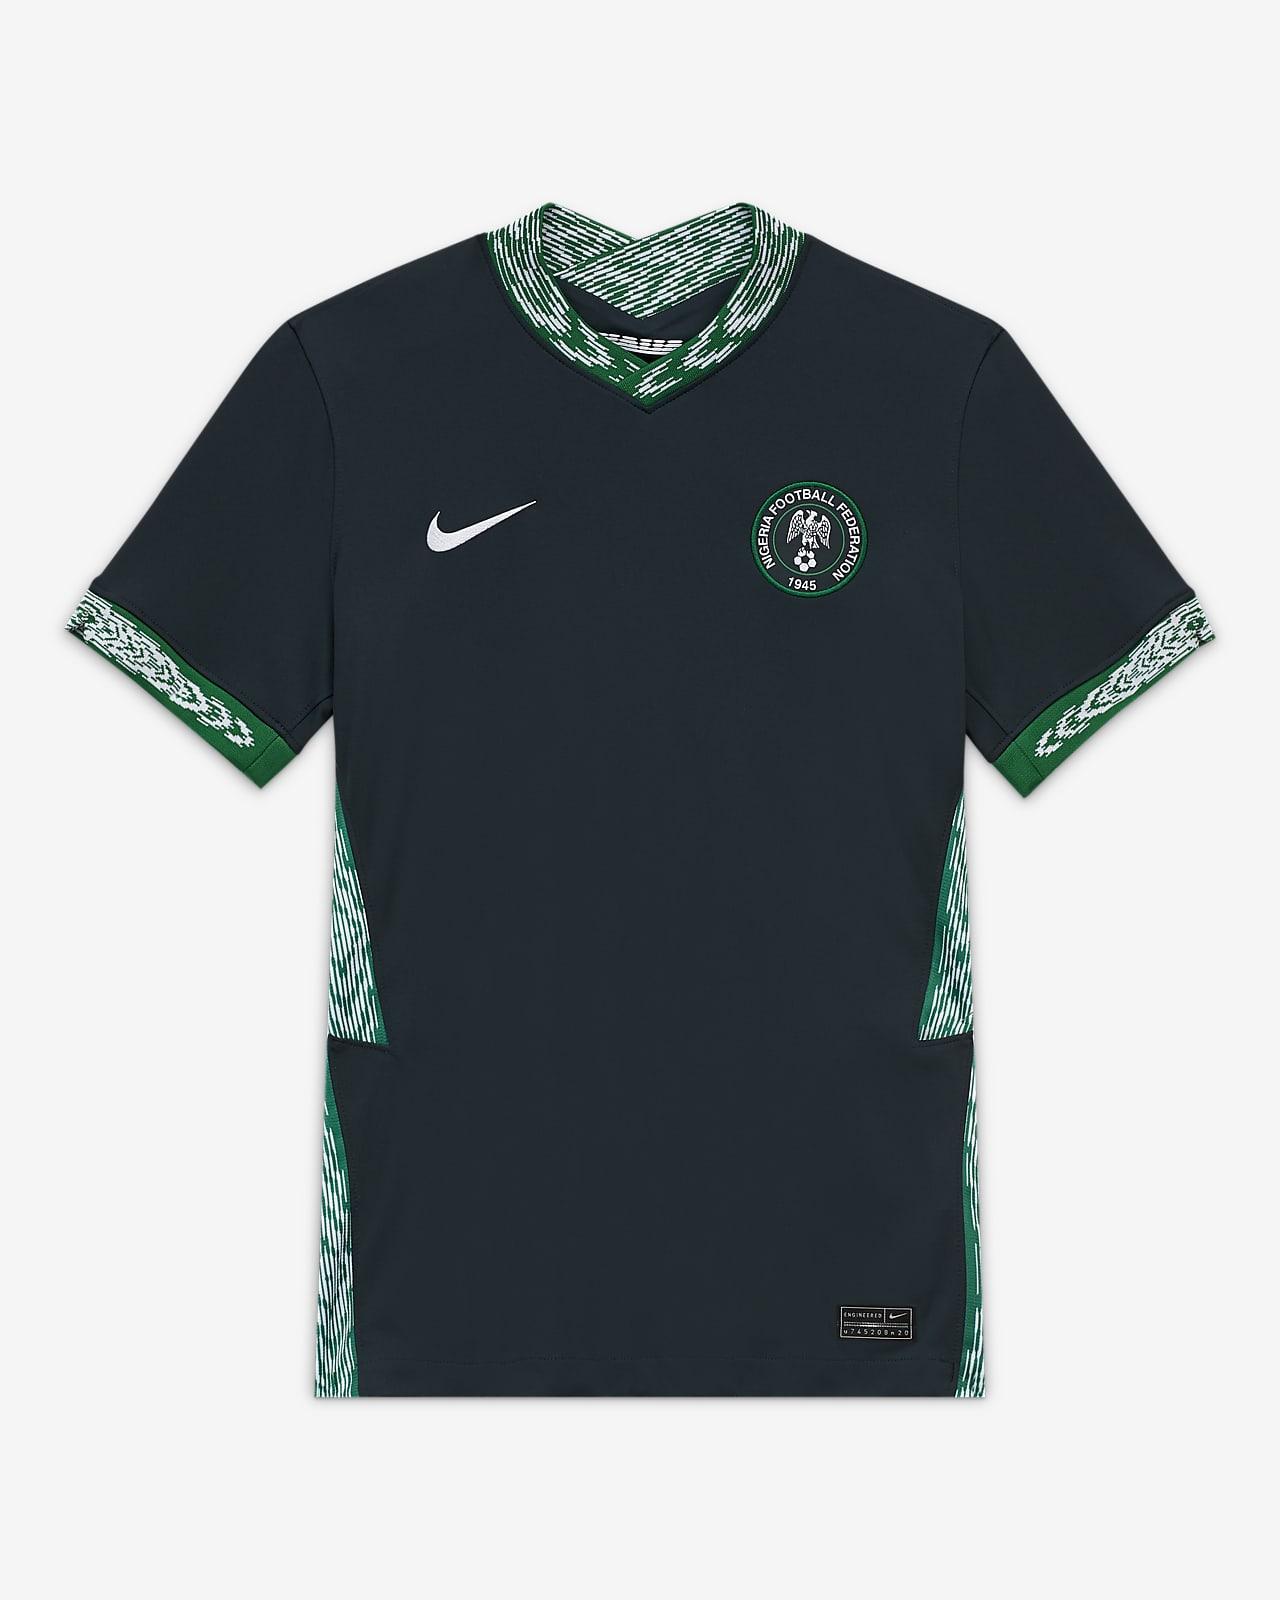 Γυναικεία ποδοσφαιρική φανέλα Νιγηρία 2020 Stadium Away